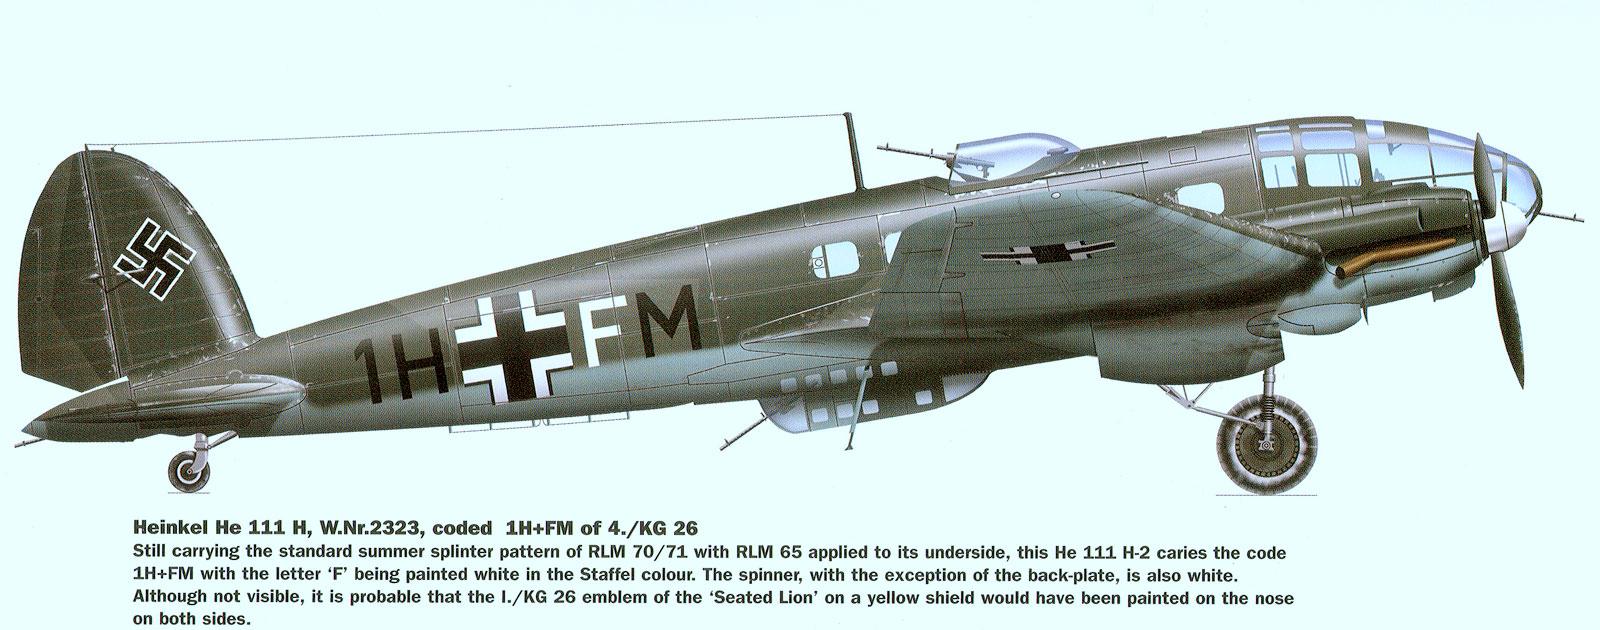 Heinkel He 111 KG26 1H+FM France 1940 0A